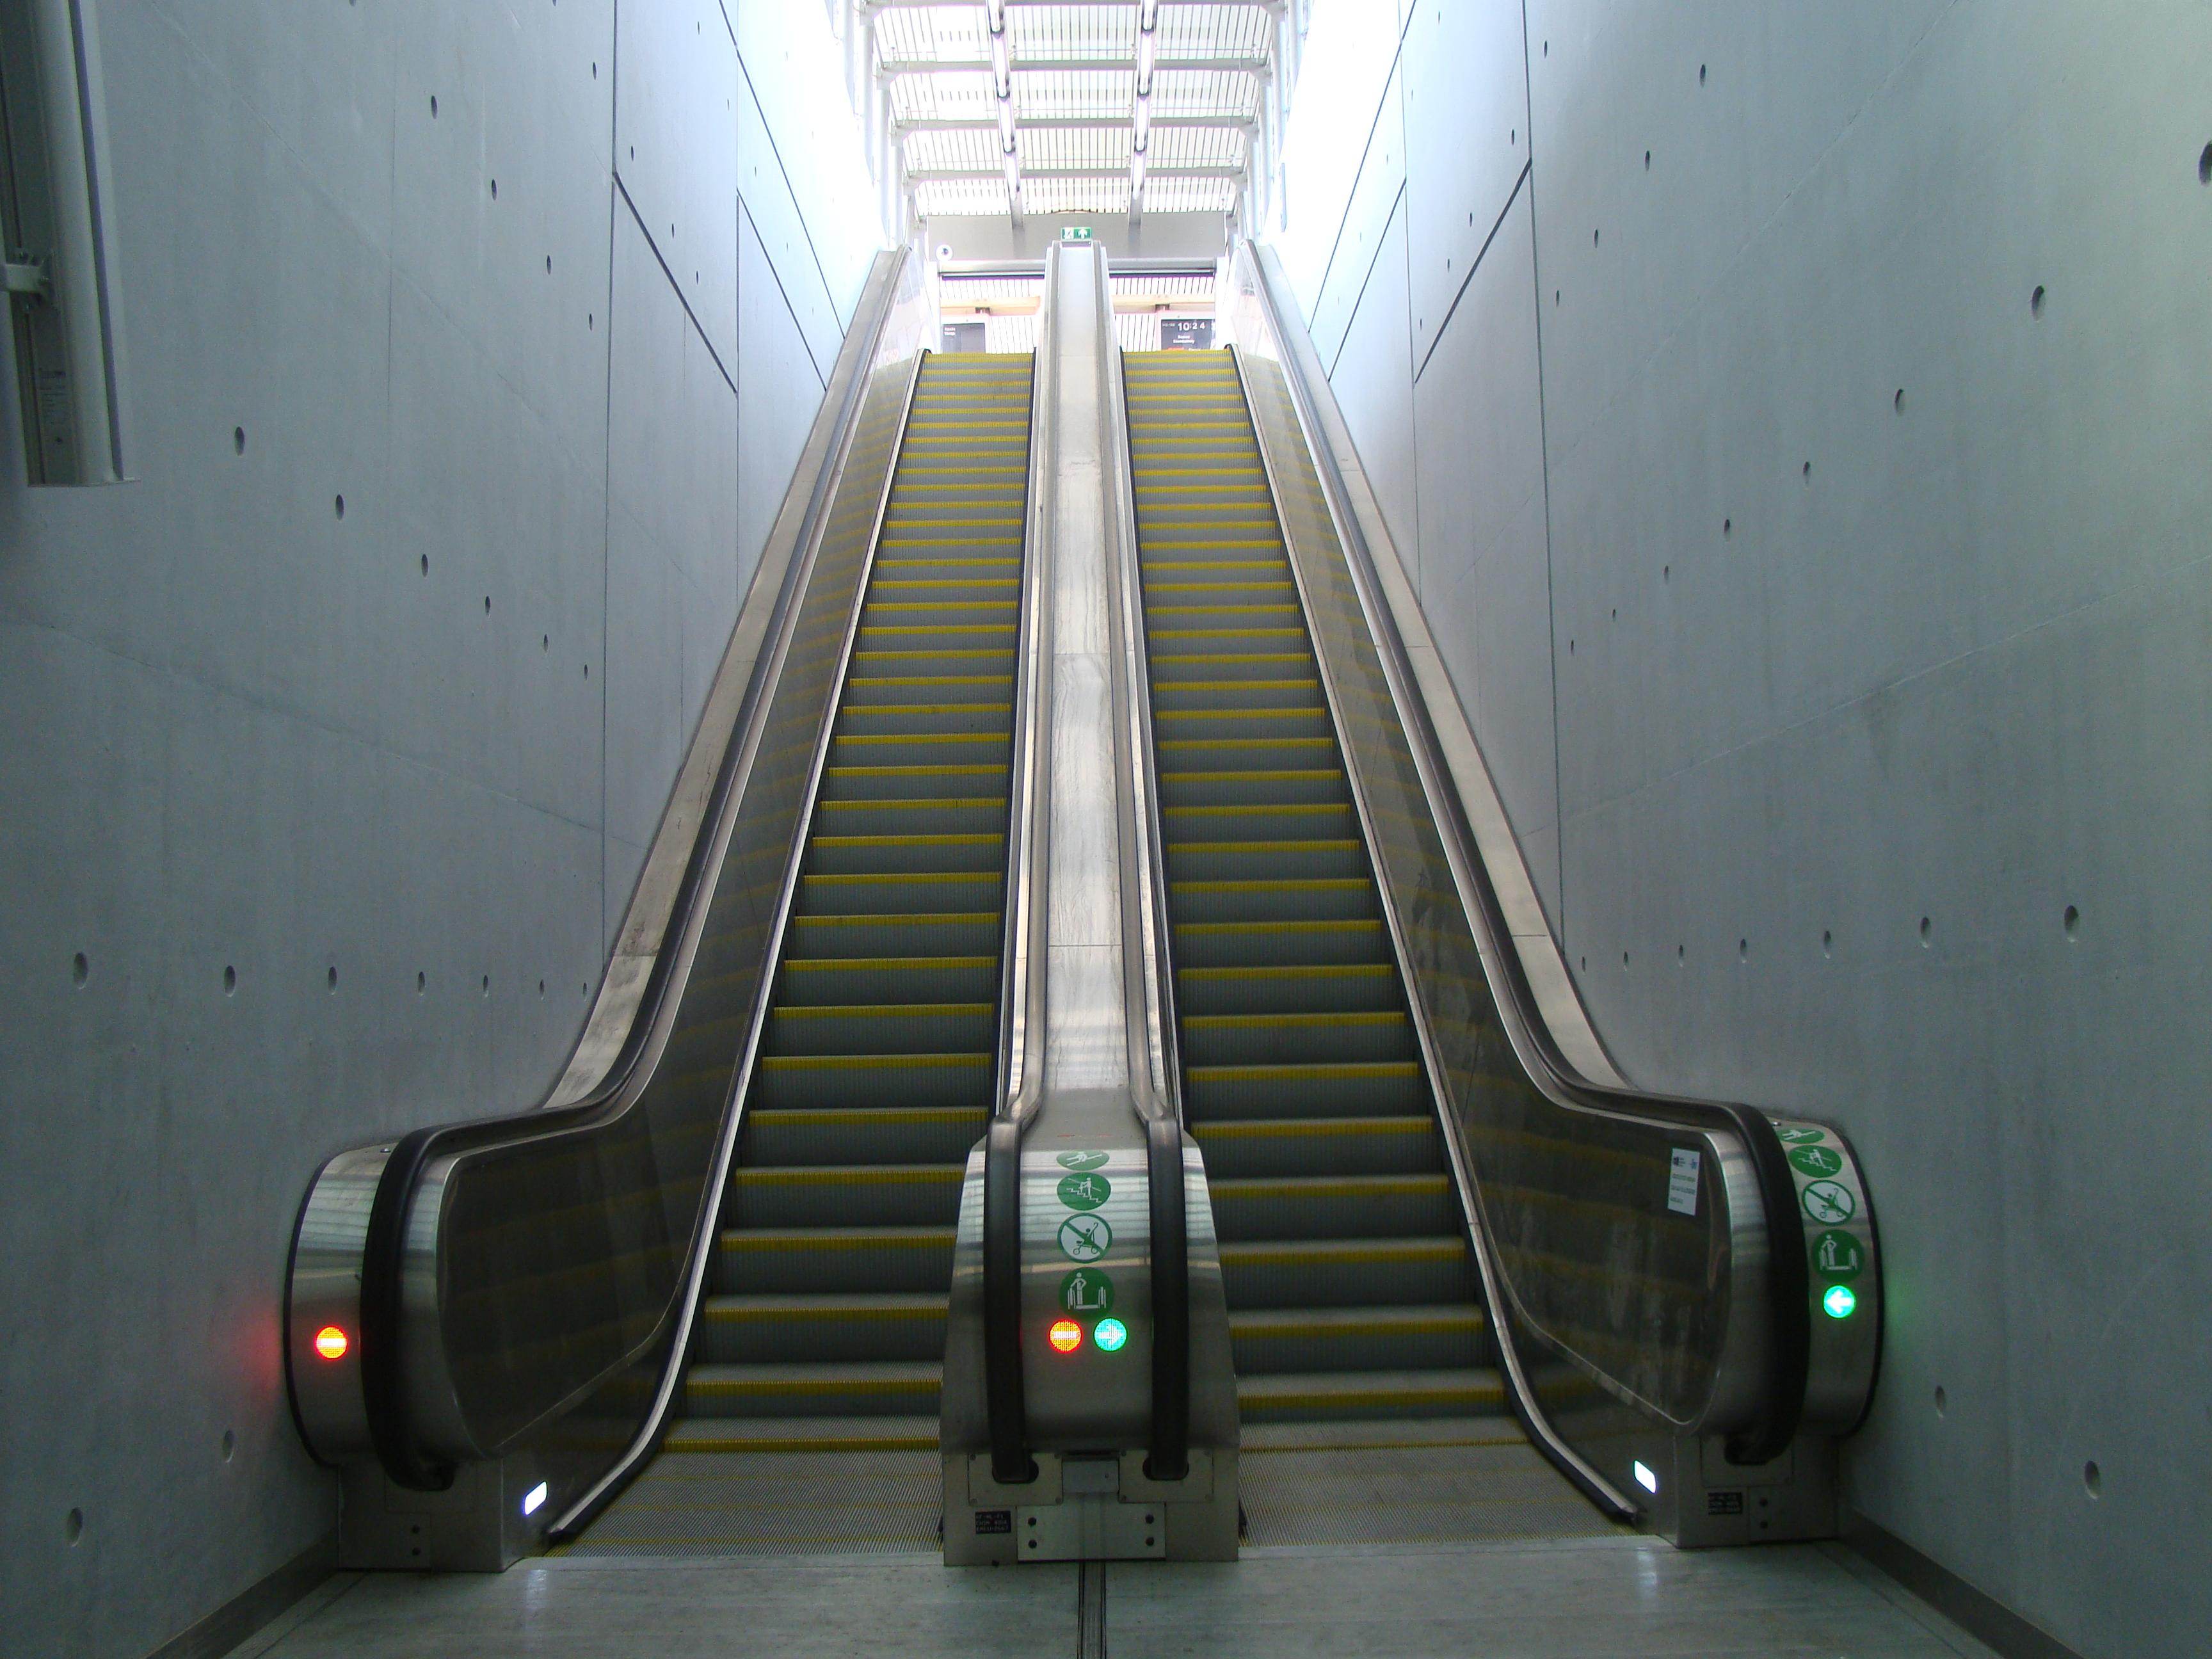 Hagyományos és egyedi liftek, panorámaliftek, felvonó burkolatok, felvonó alkatrészek tervezése és kivitelezése.